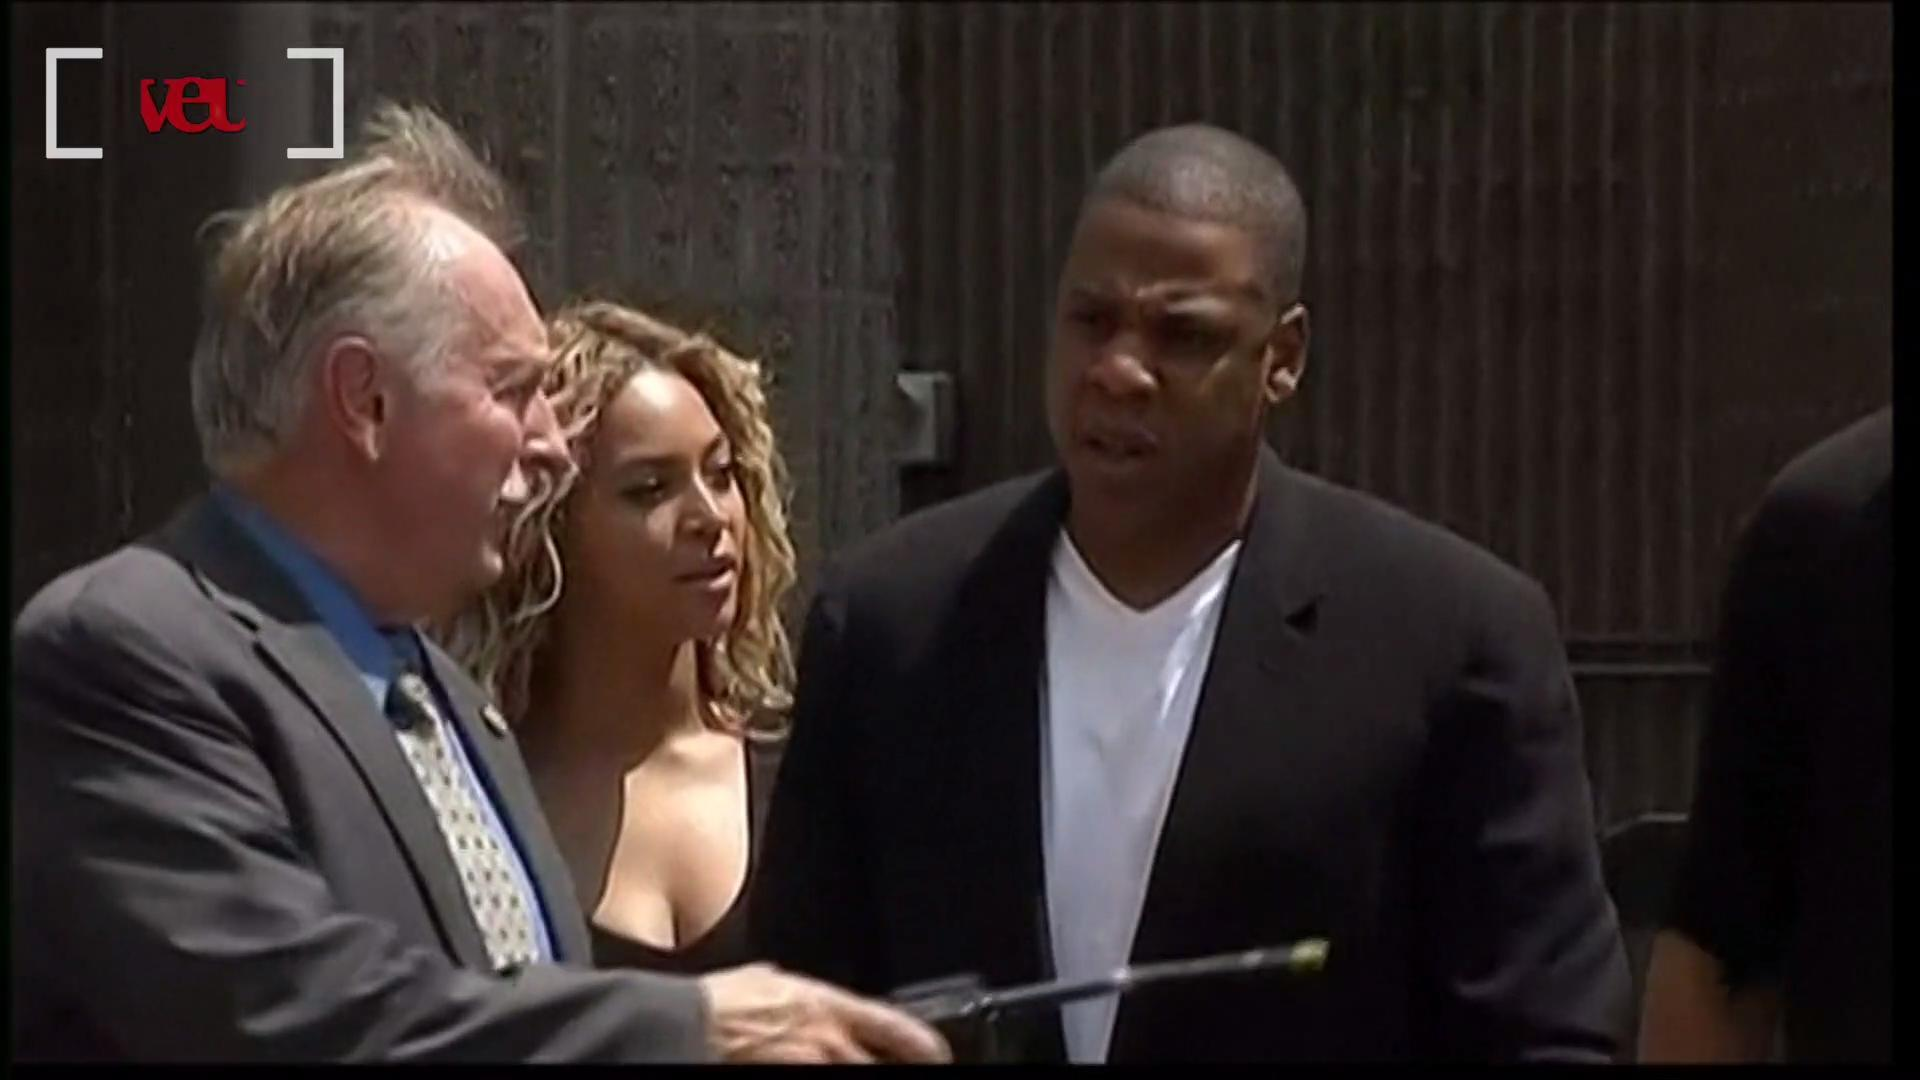 Jay Z Will be Helping Tell Trayvon Martin's Story